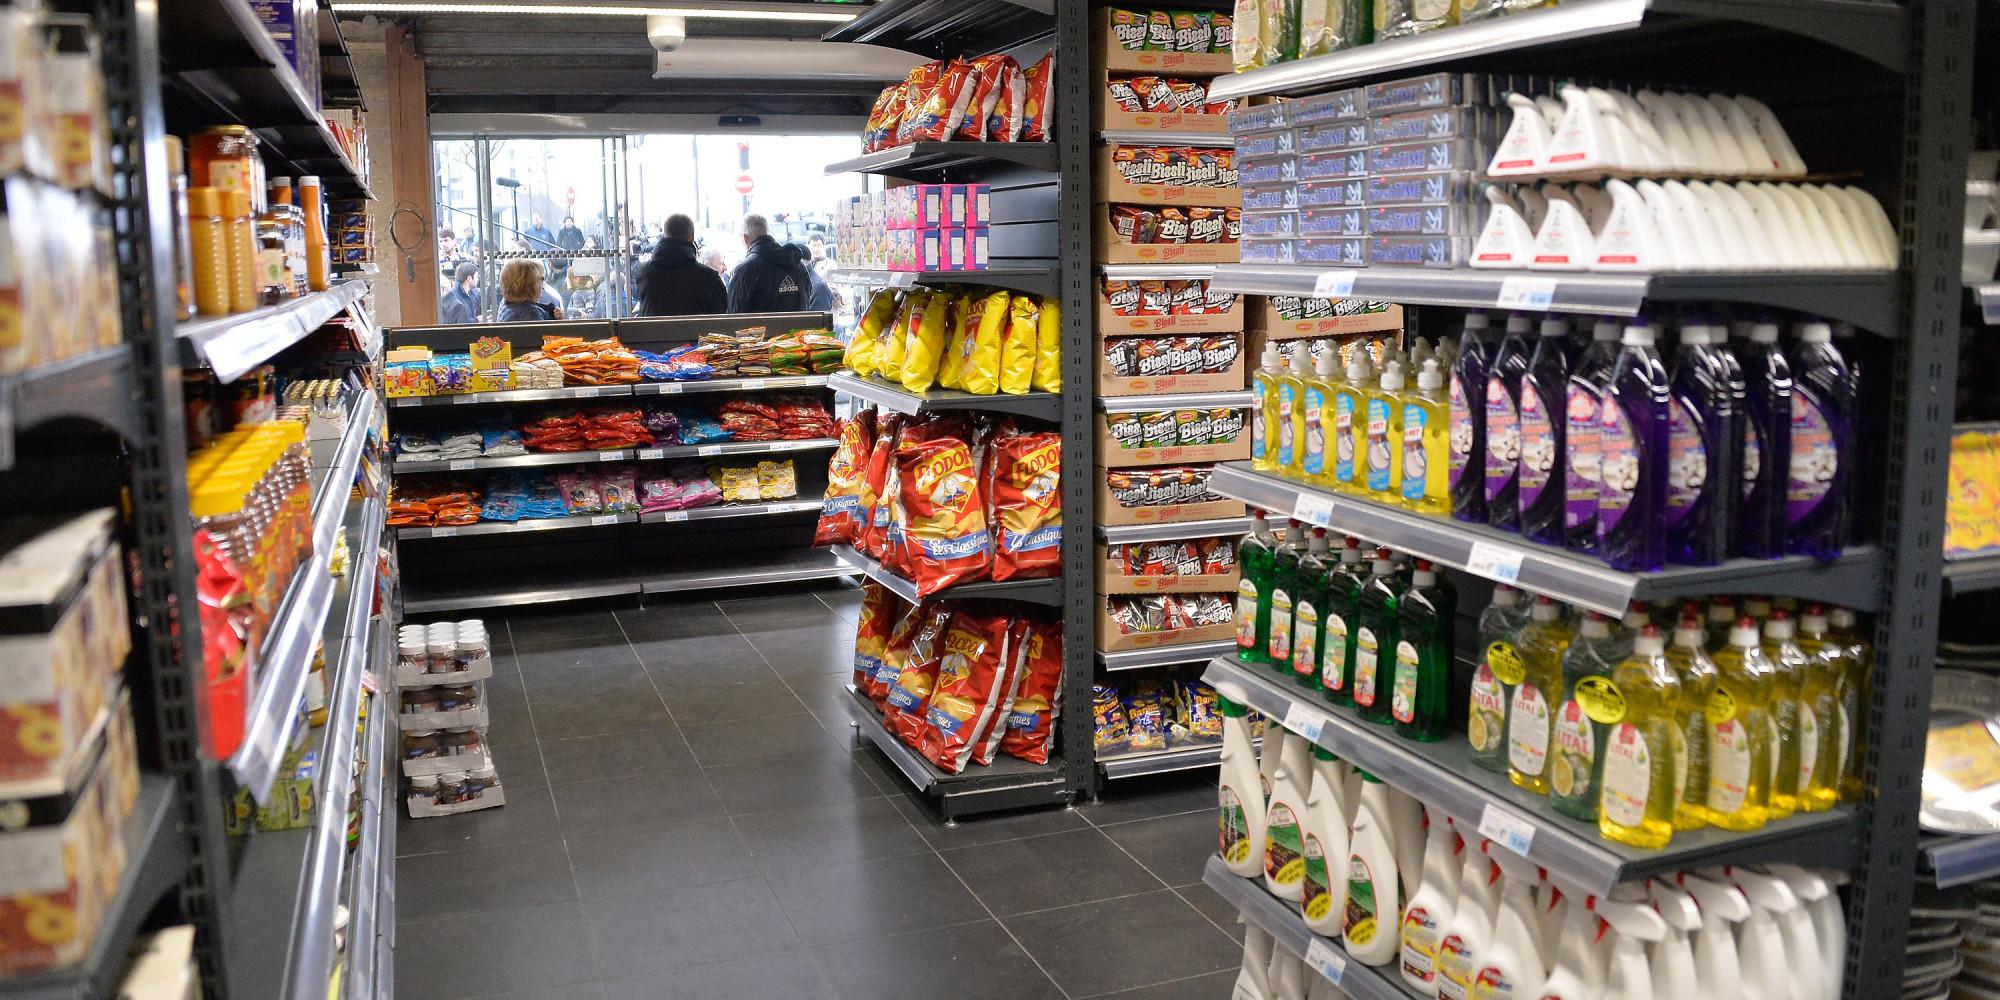 Kosher Supermarket In Paris Hyper Cacher Opens Its Doors